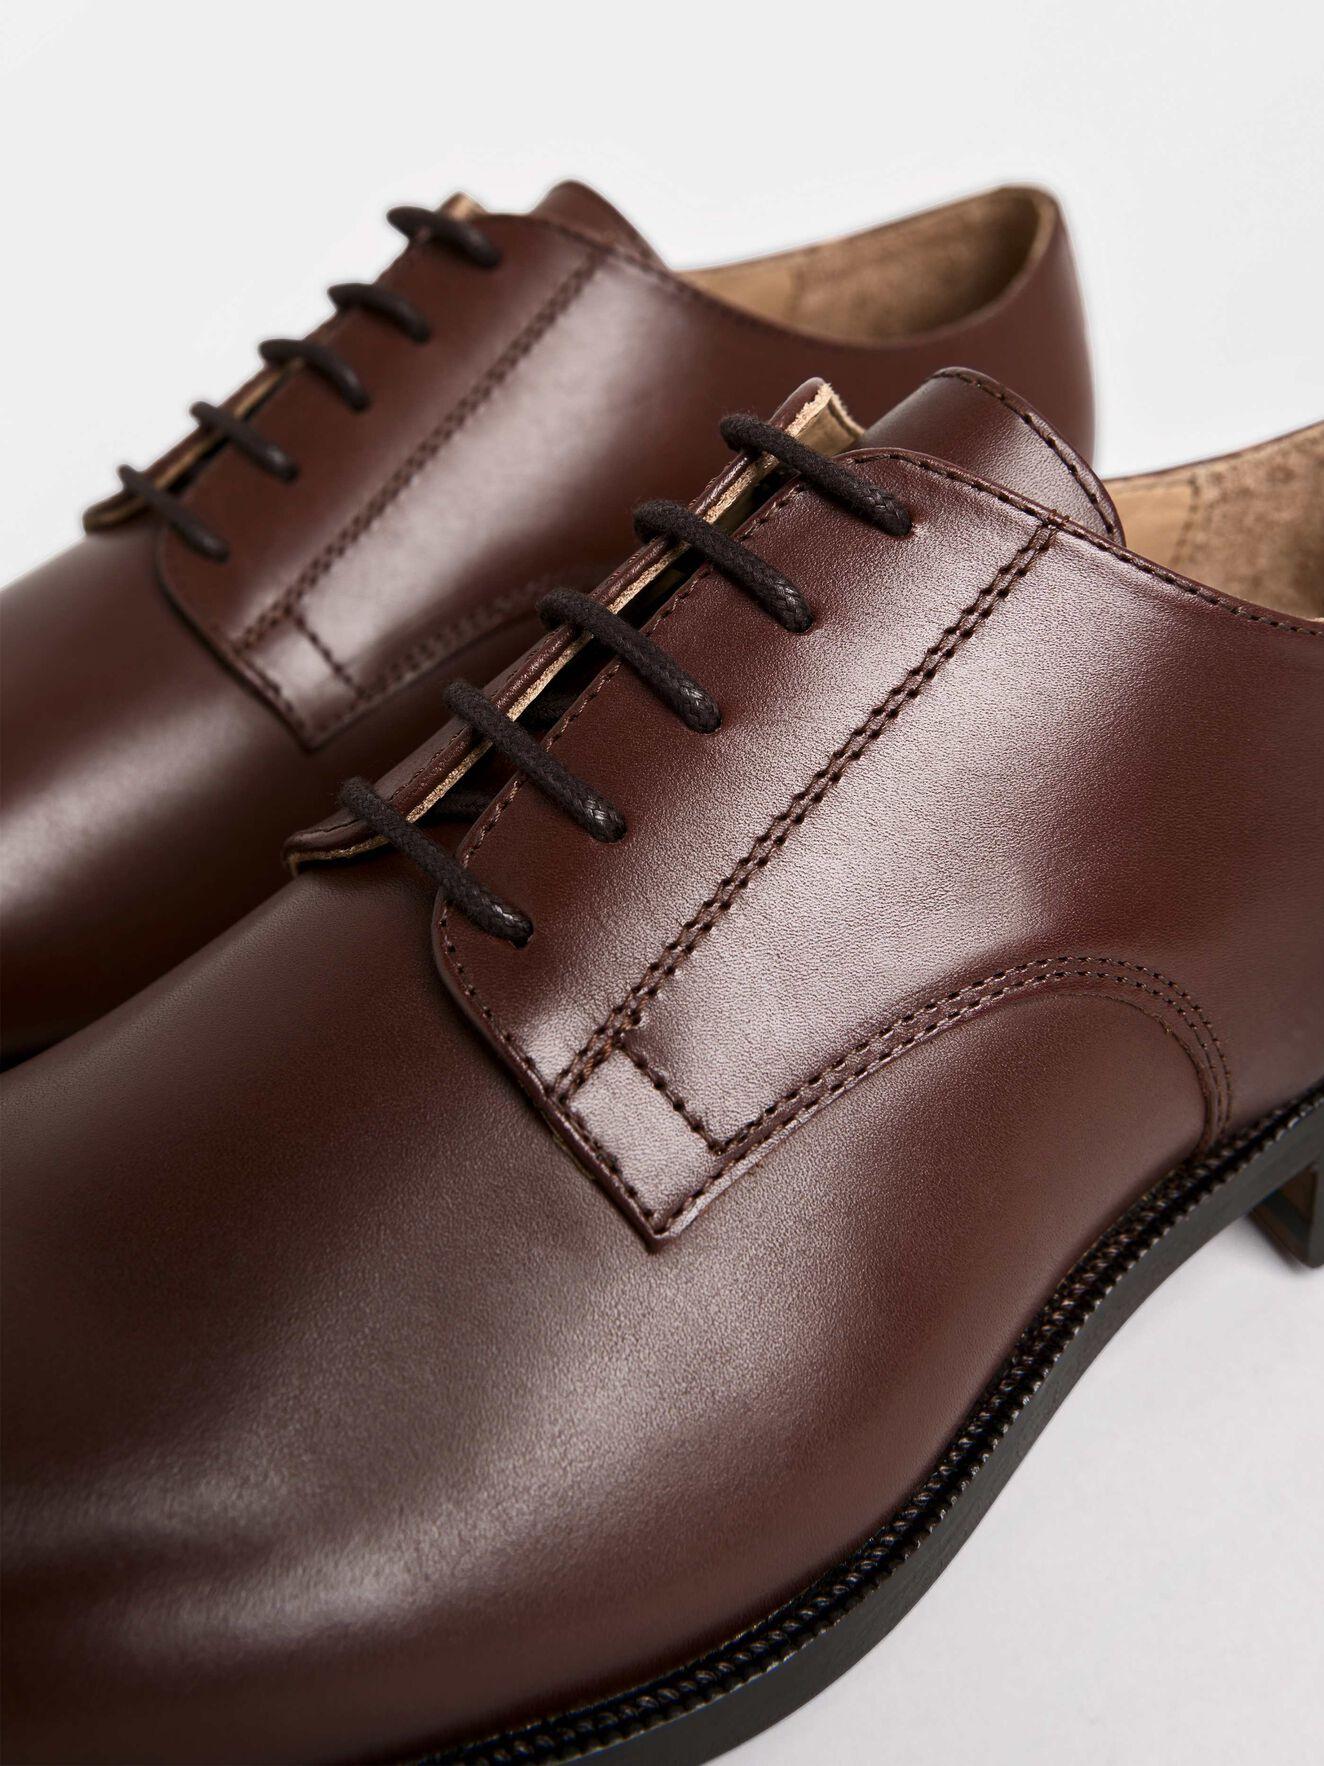 Gerhard Shoe in Cognac from Tiger of Sweden